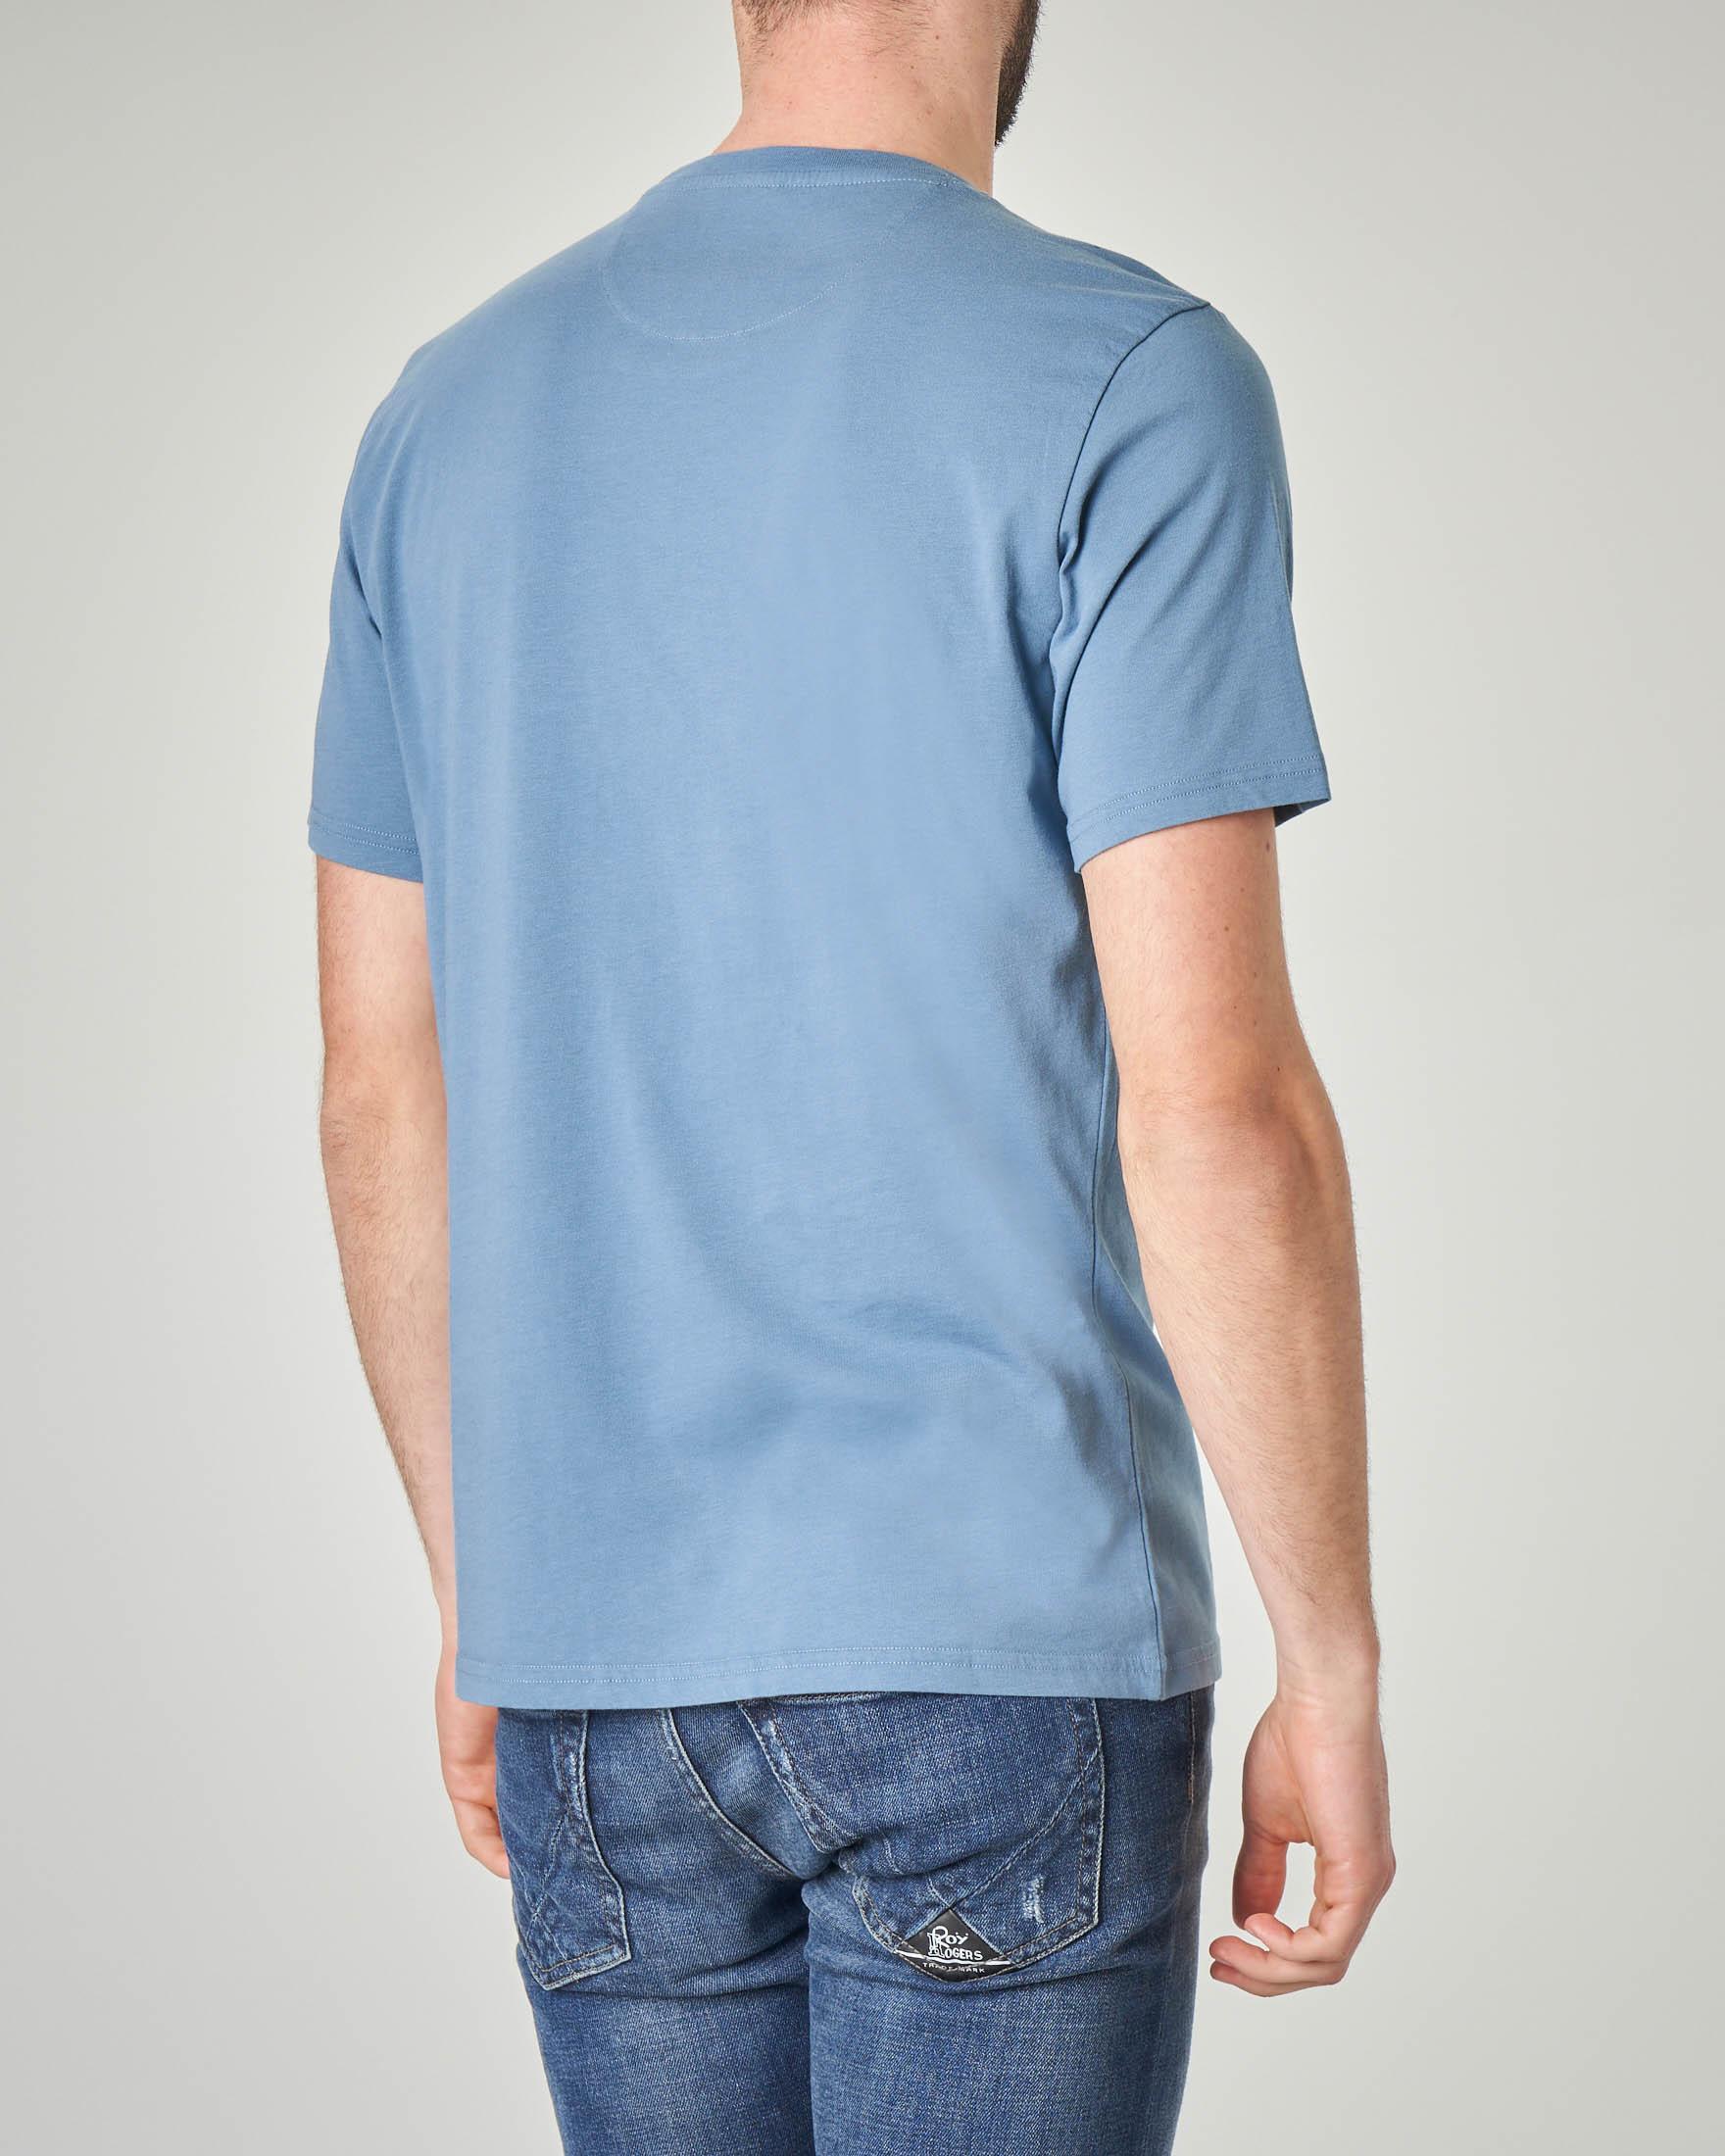 T-shirt azzurra con taschino e contorno floreale